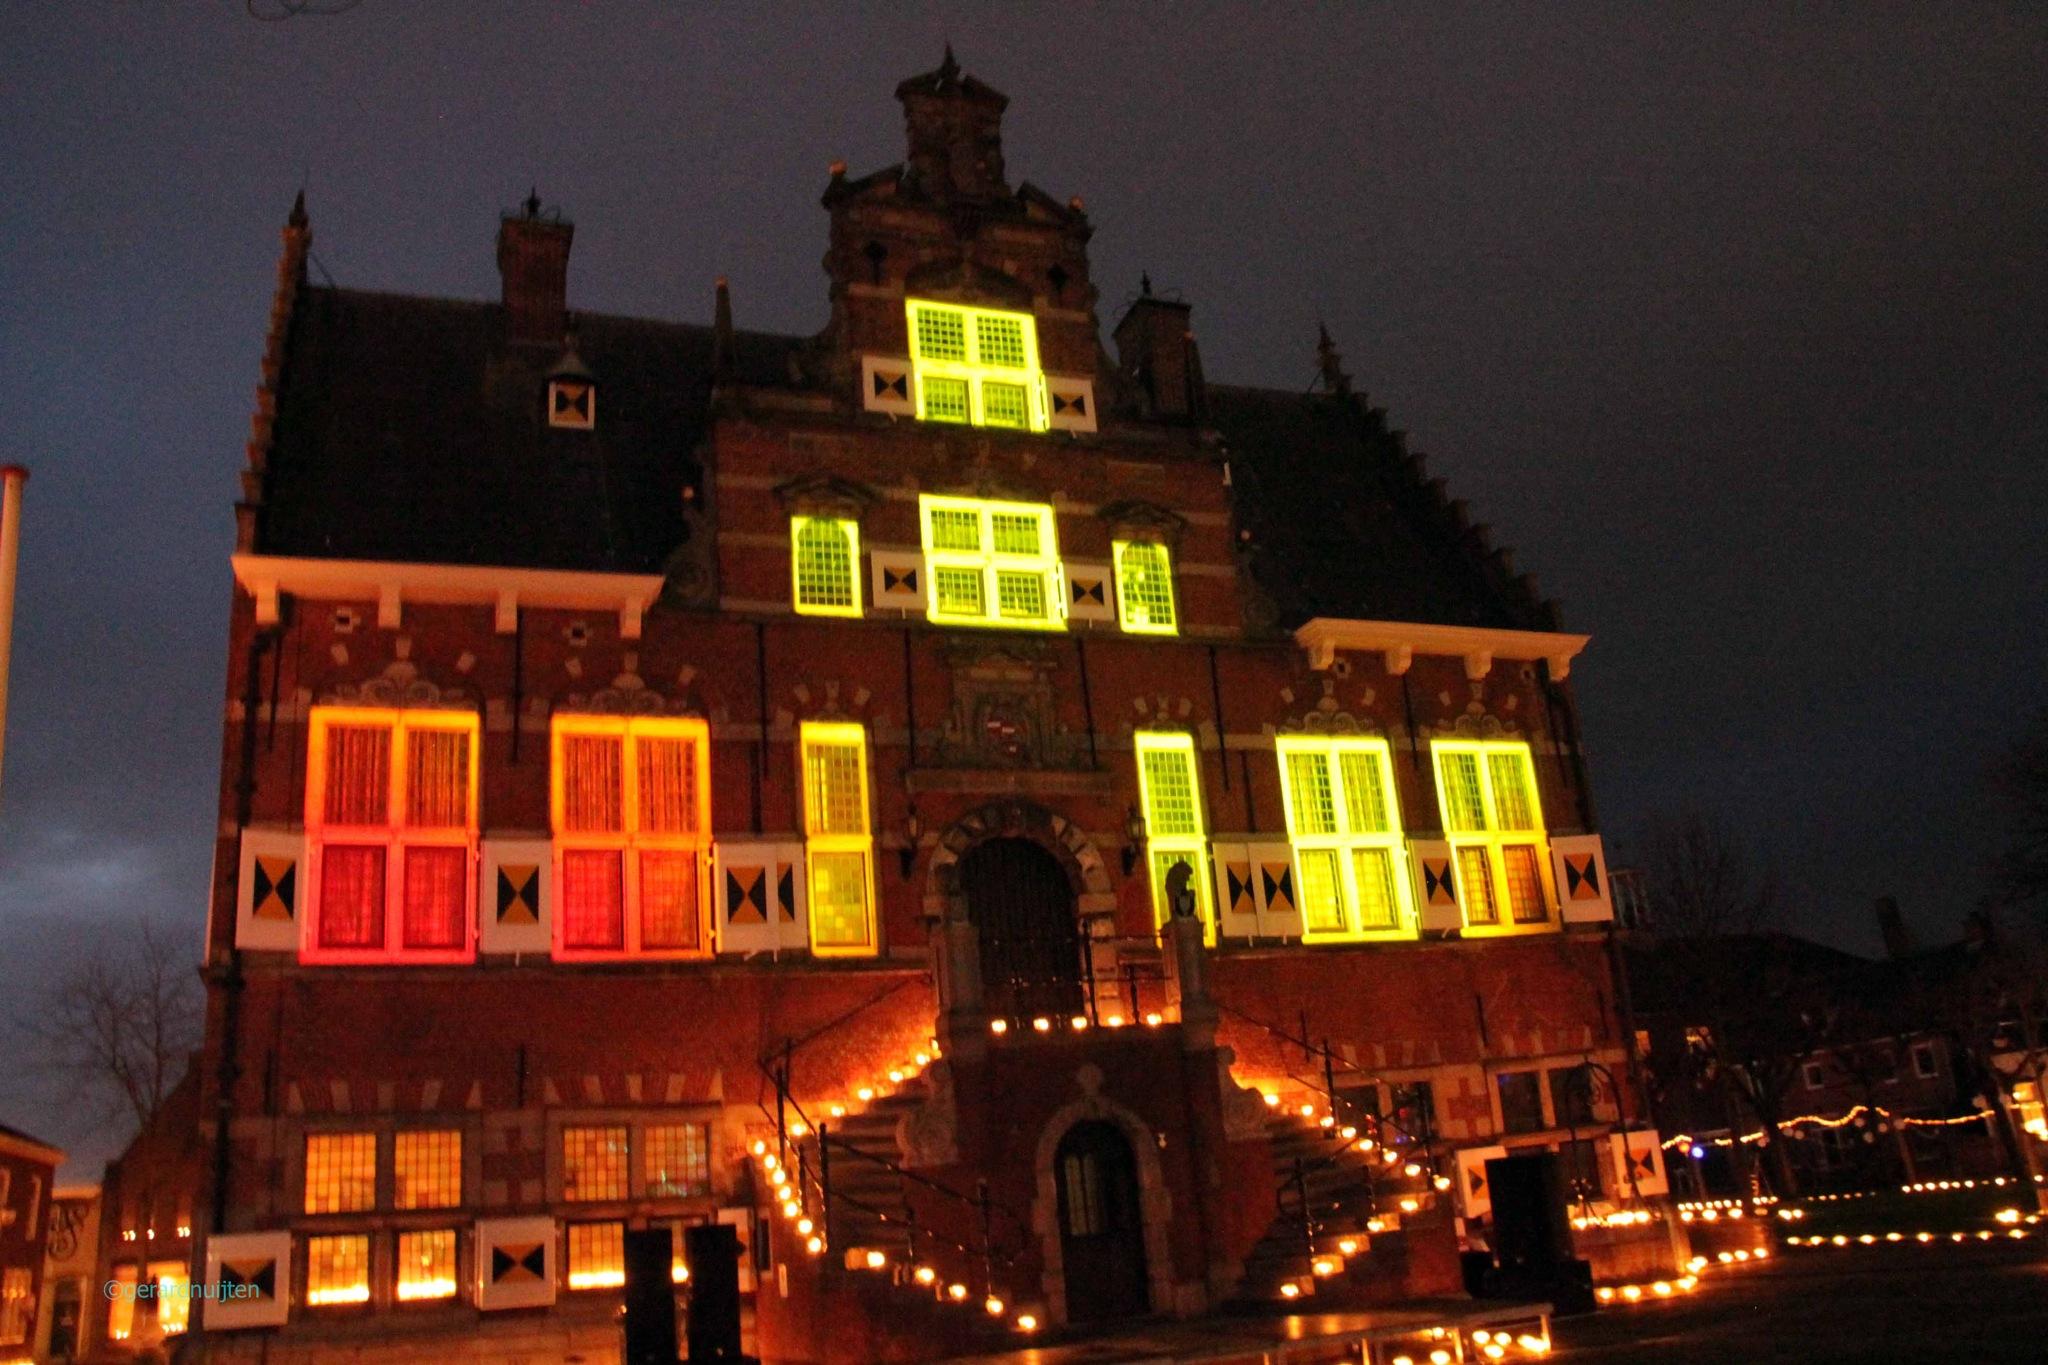 stadhuis met kaarsje`s verlicht  by Gerard Nuijten